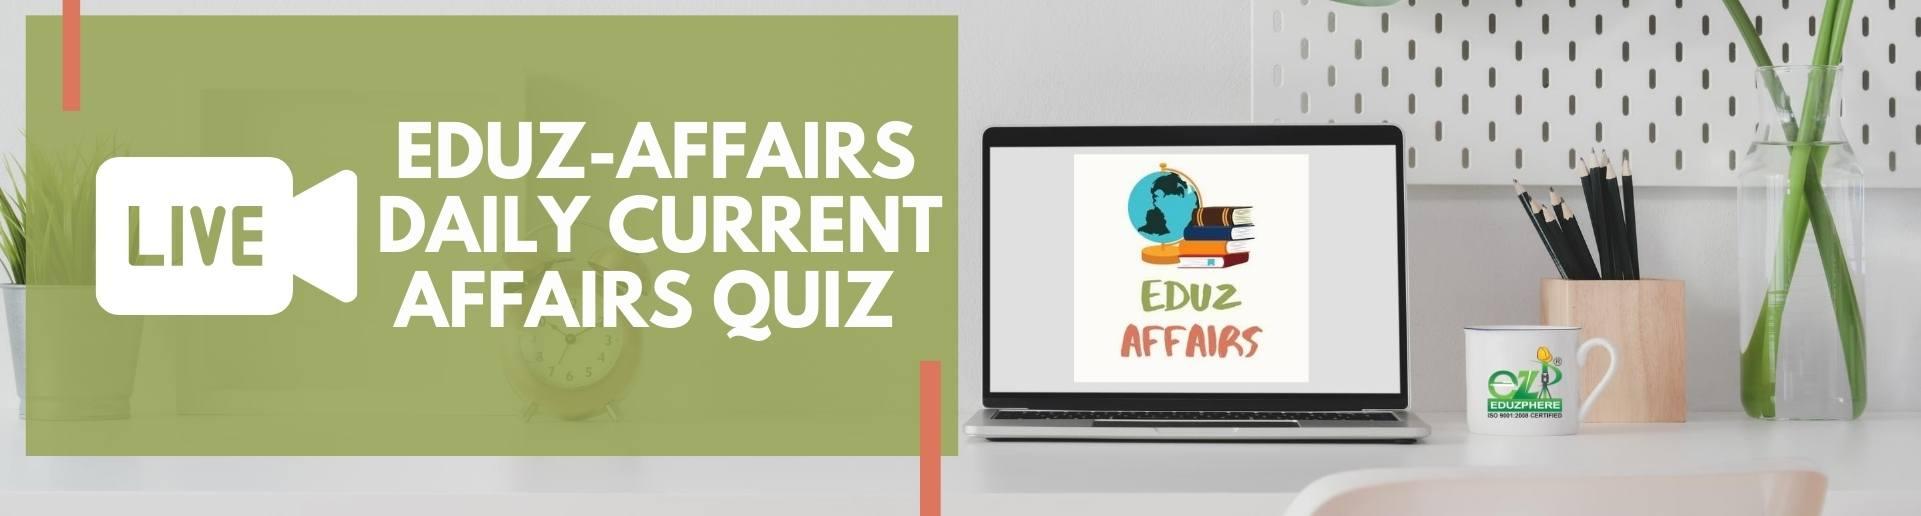 Eduz-Affairs Daily Current Affairs Quiz banner